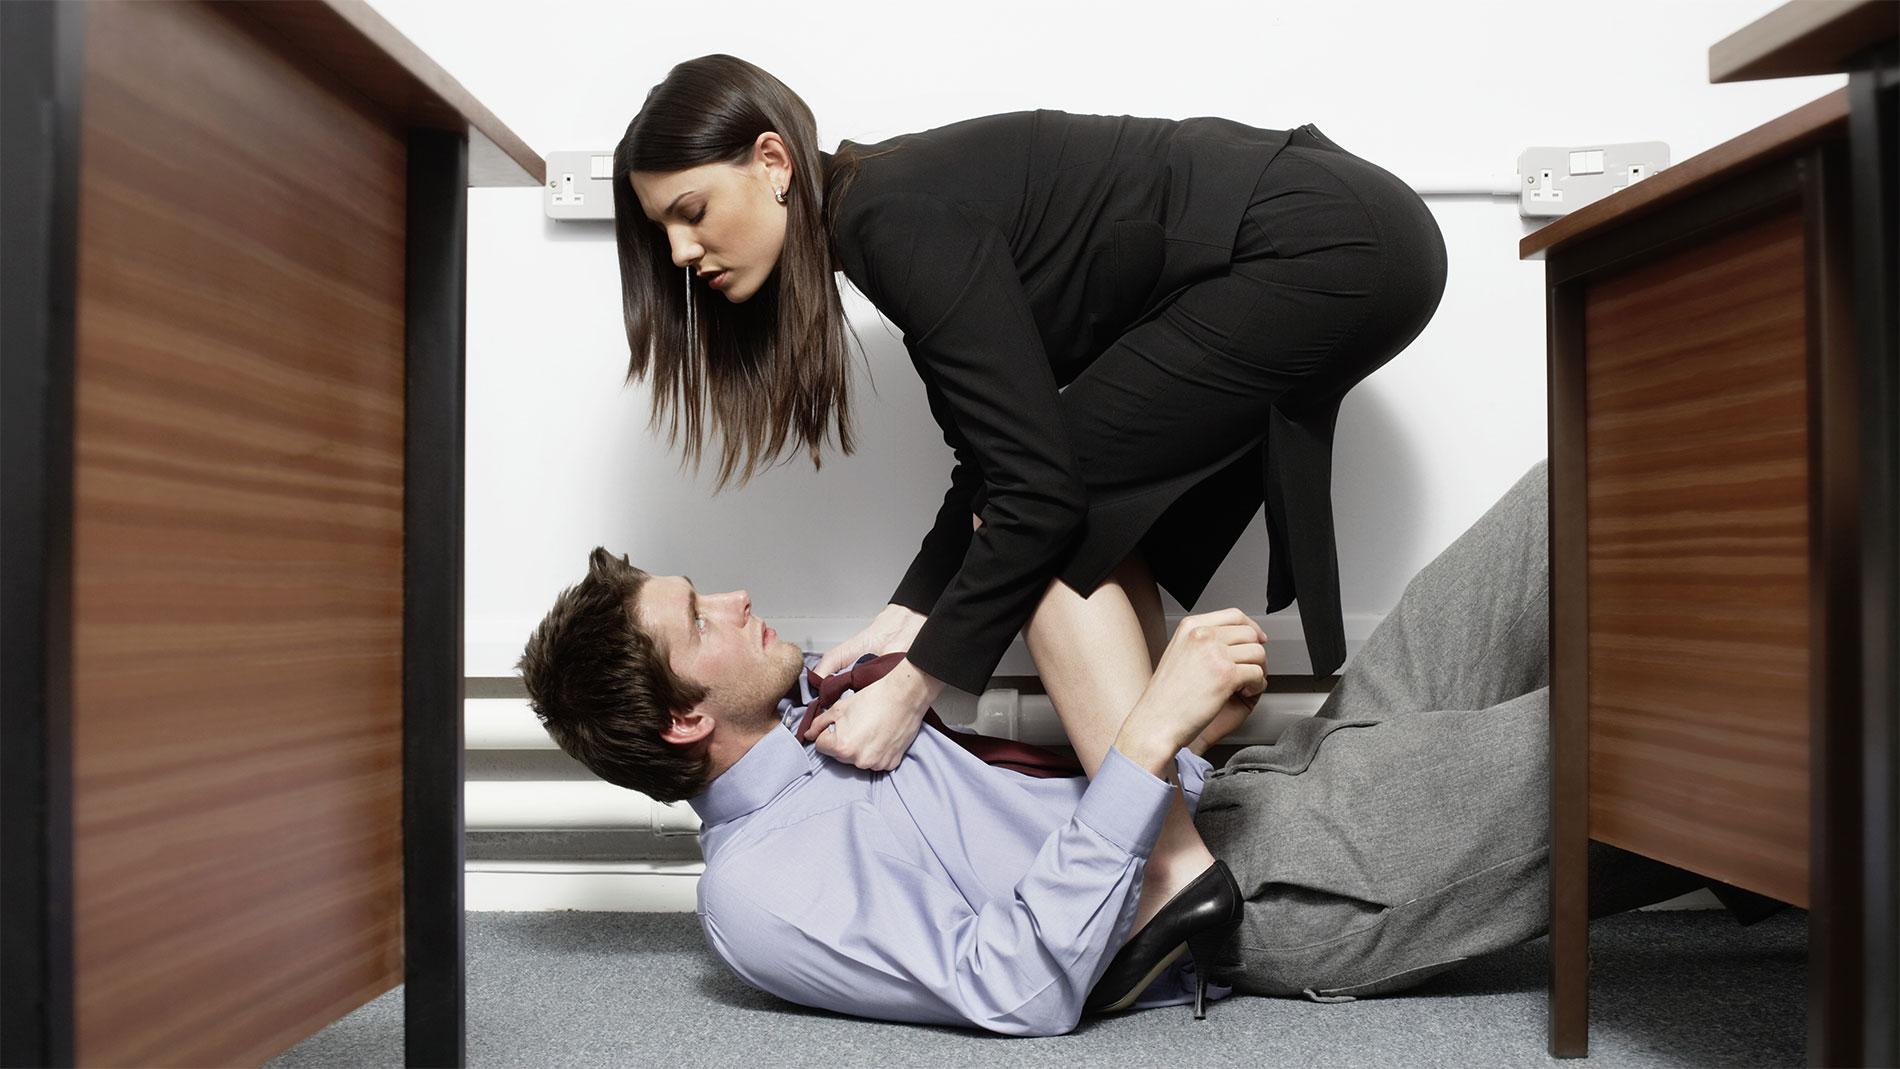 Интим не в радость. Мужчины жалуются на случаи женского сексуального насилия